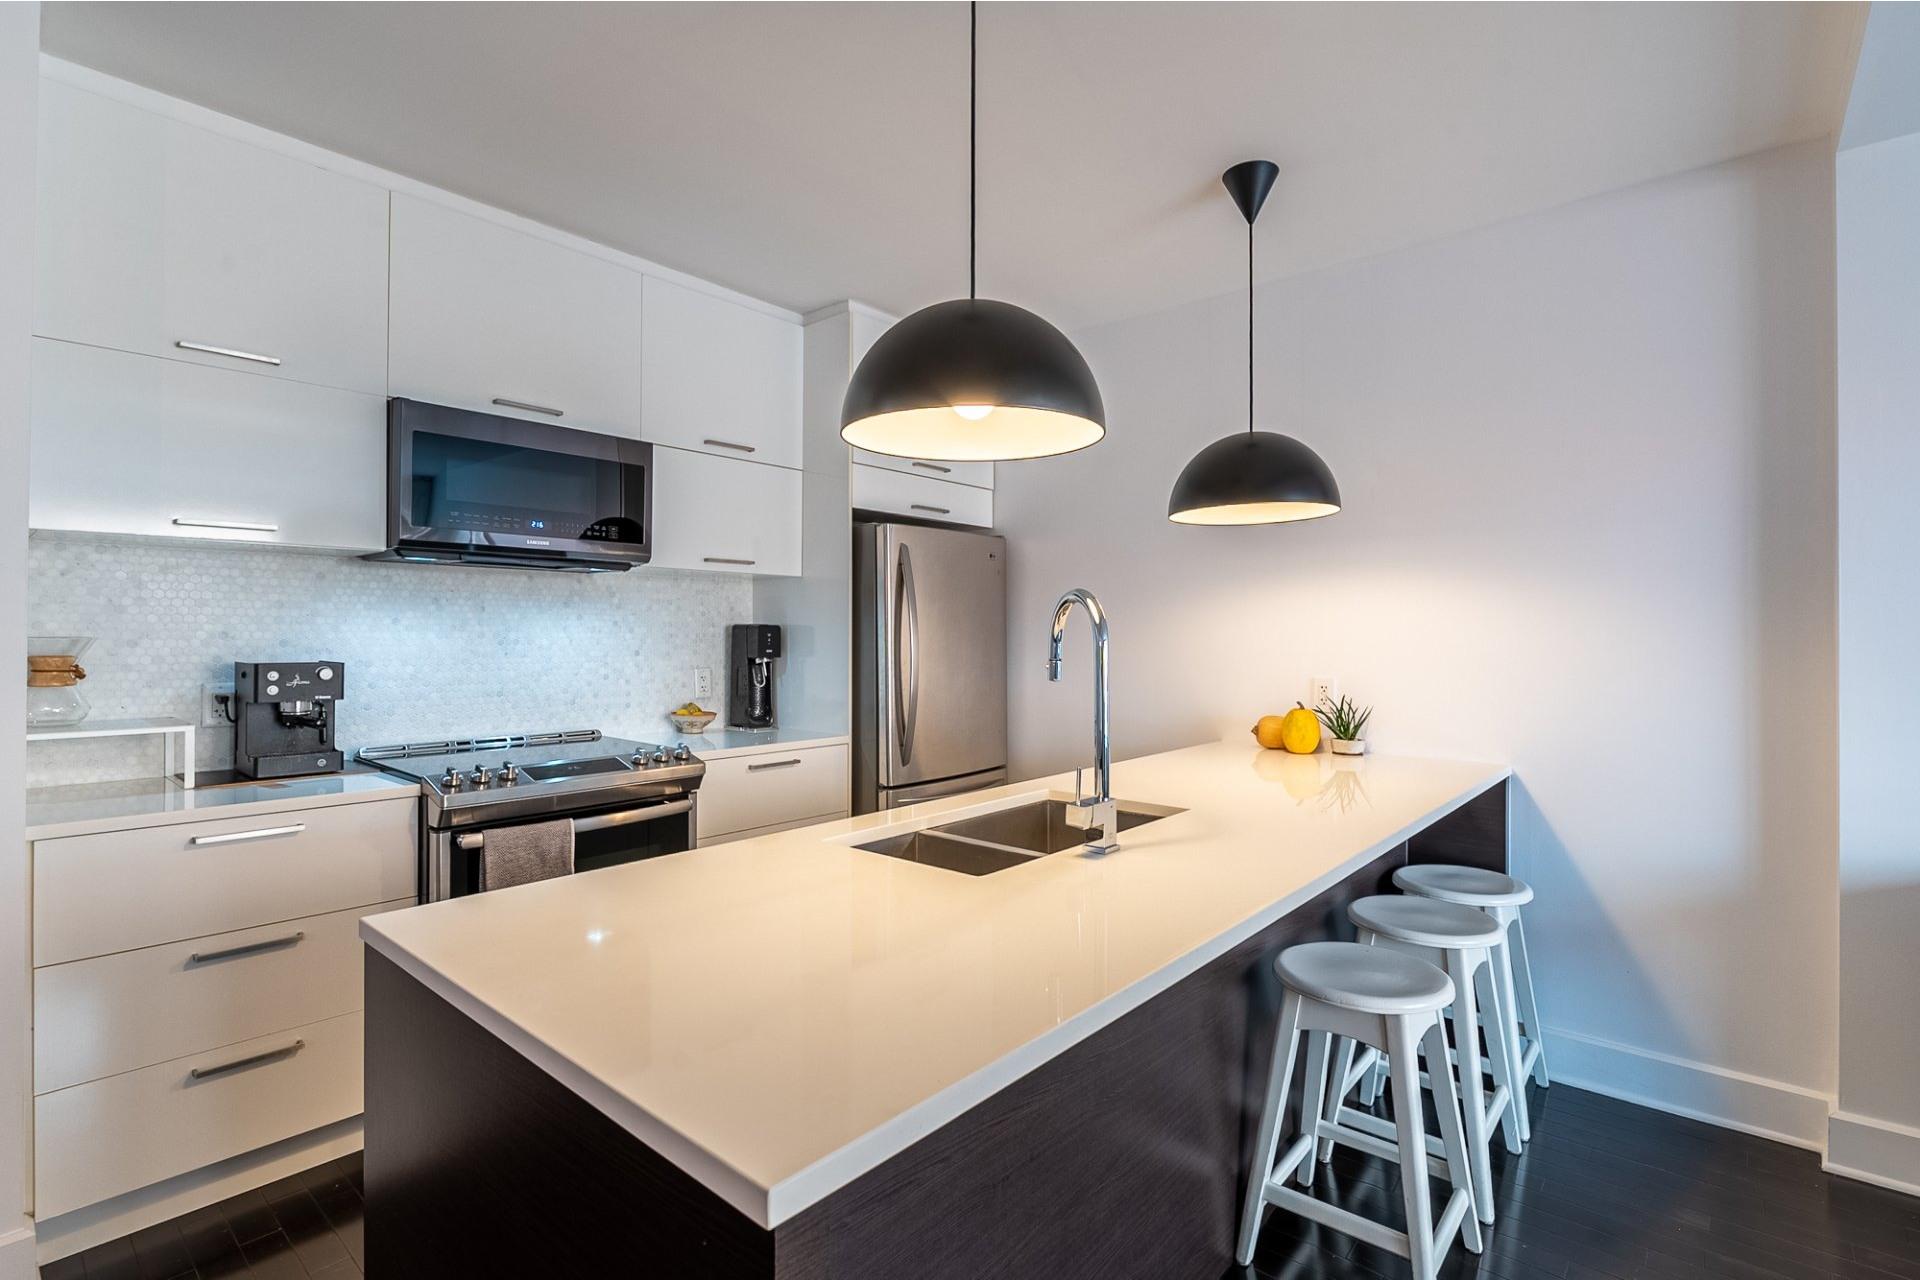 image 9 - Appartement À vendre Rosemont/La Petite-Patrie Montréal  - 5 pièces